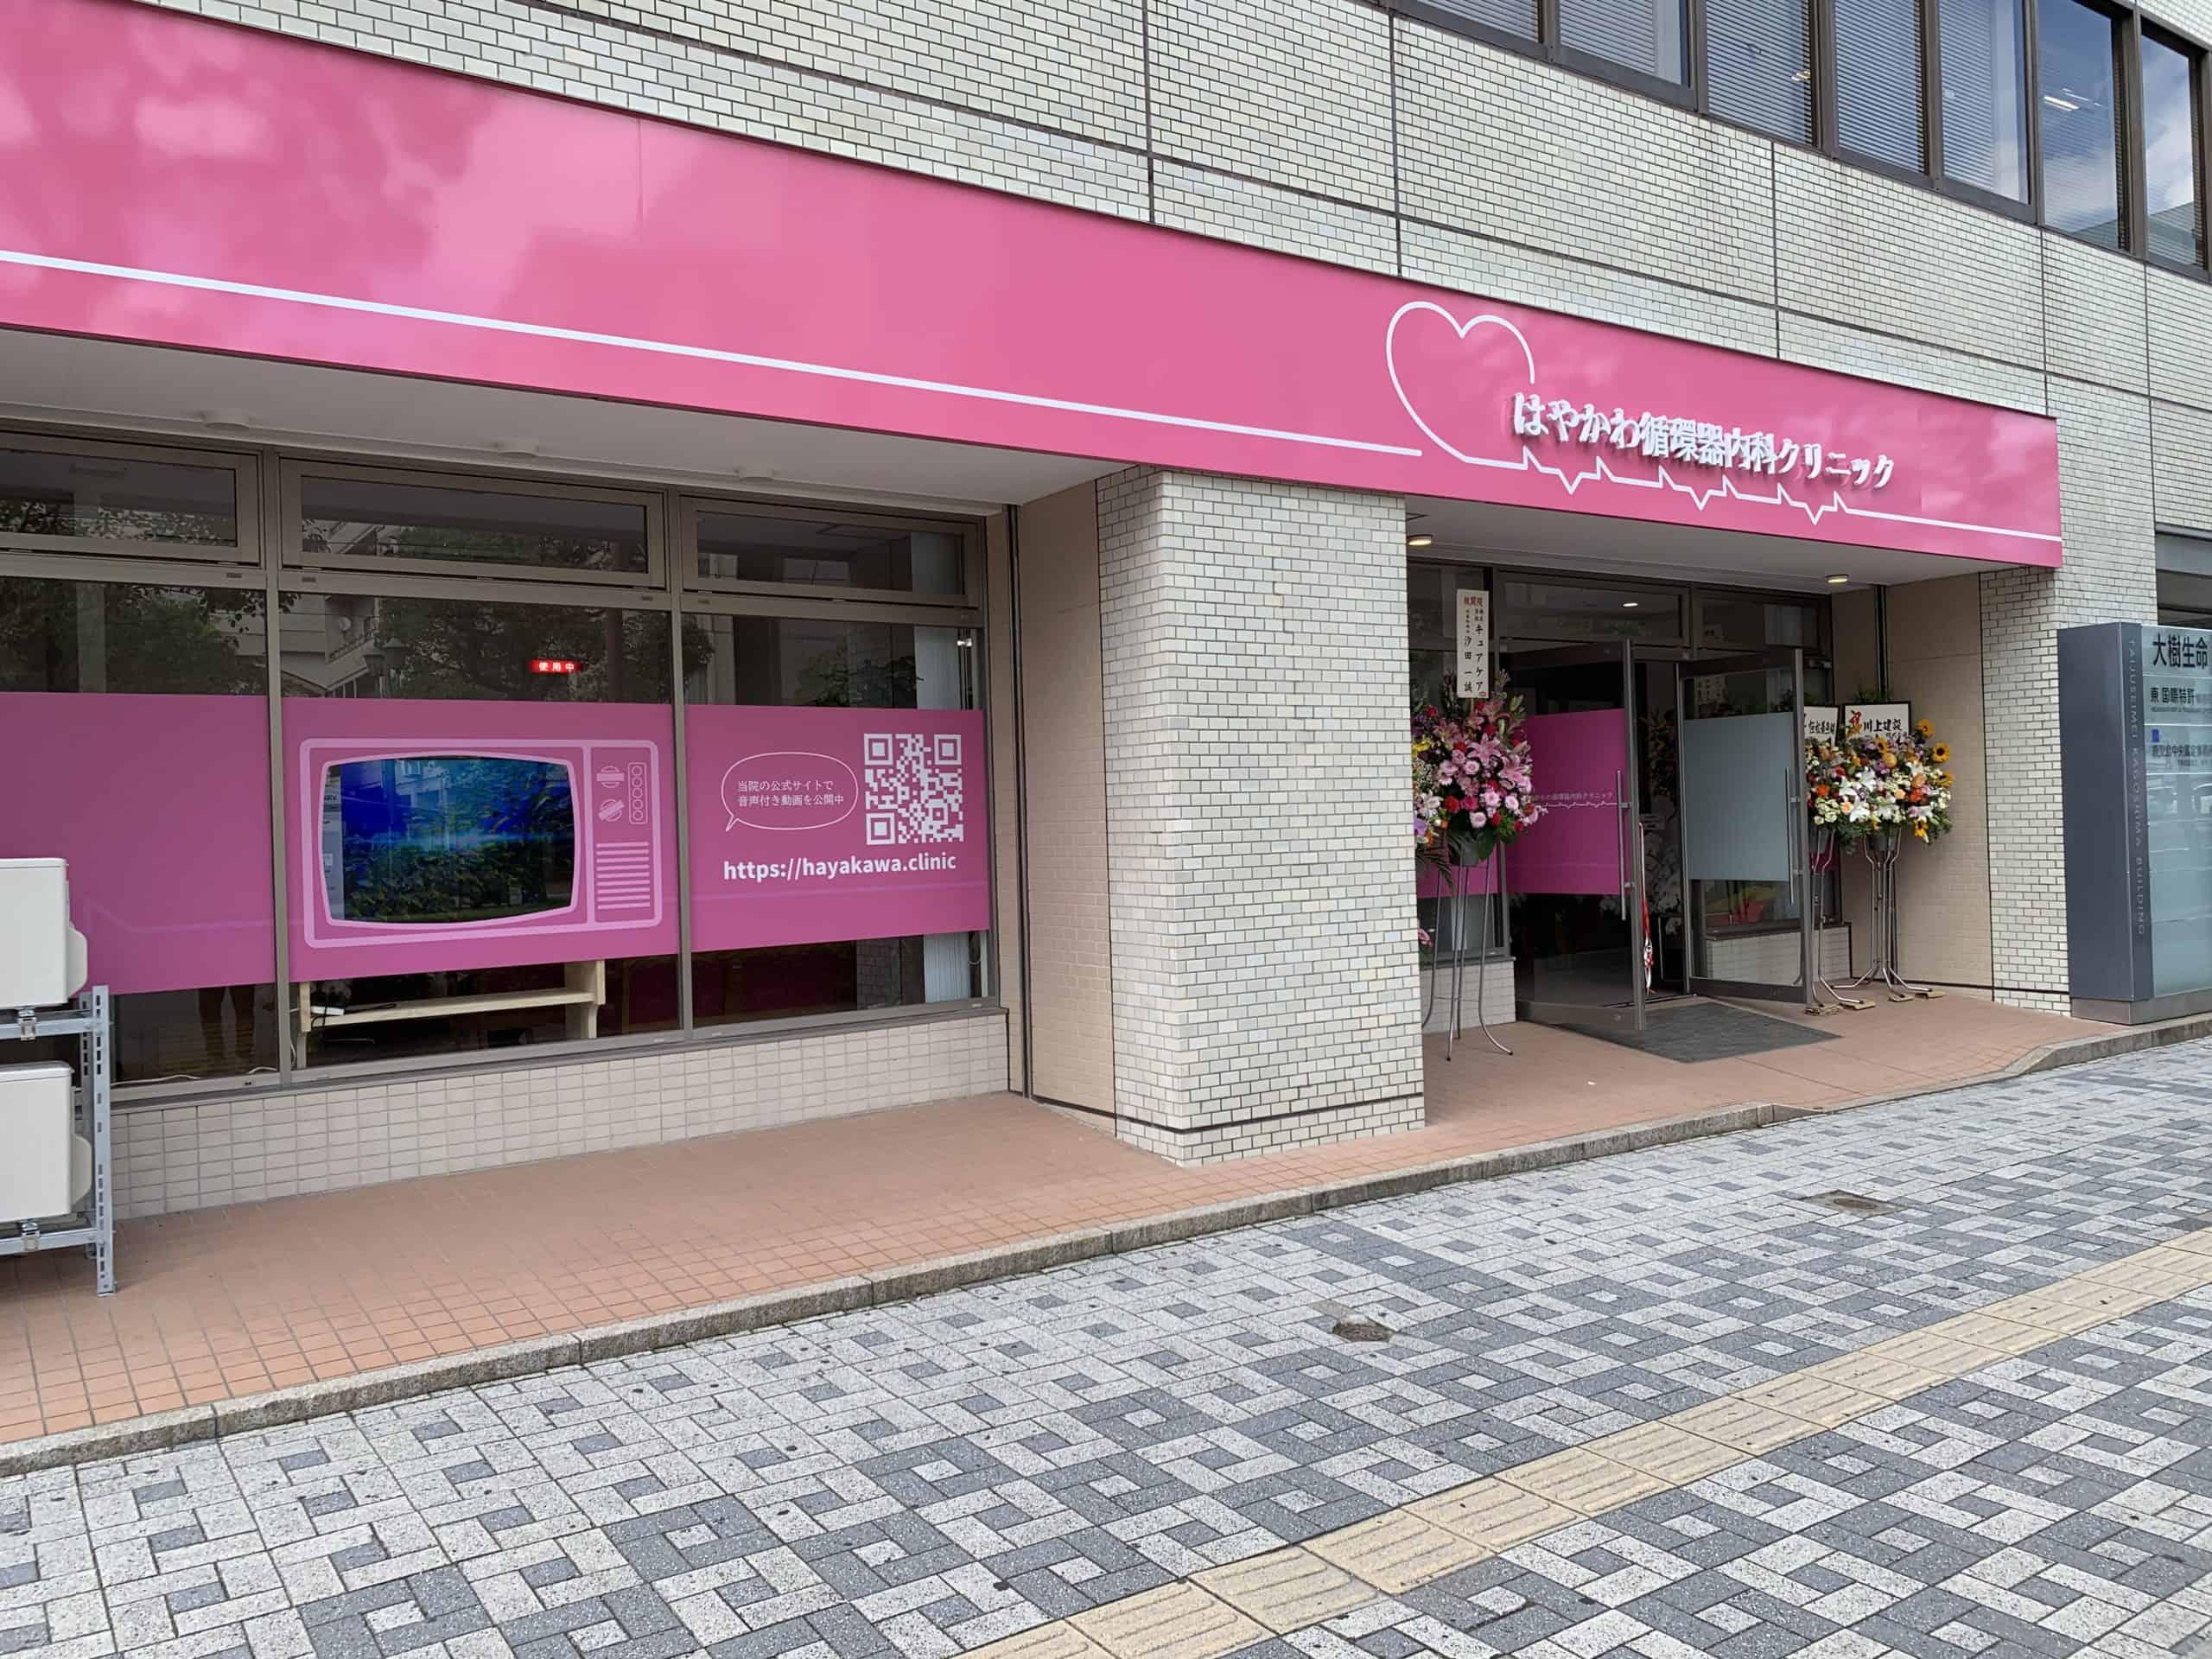 鹿児島市加治屋町にはやかわ循環器内科クリニックがオープン!ピンクの看板とモニターが目印!